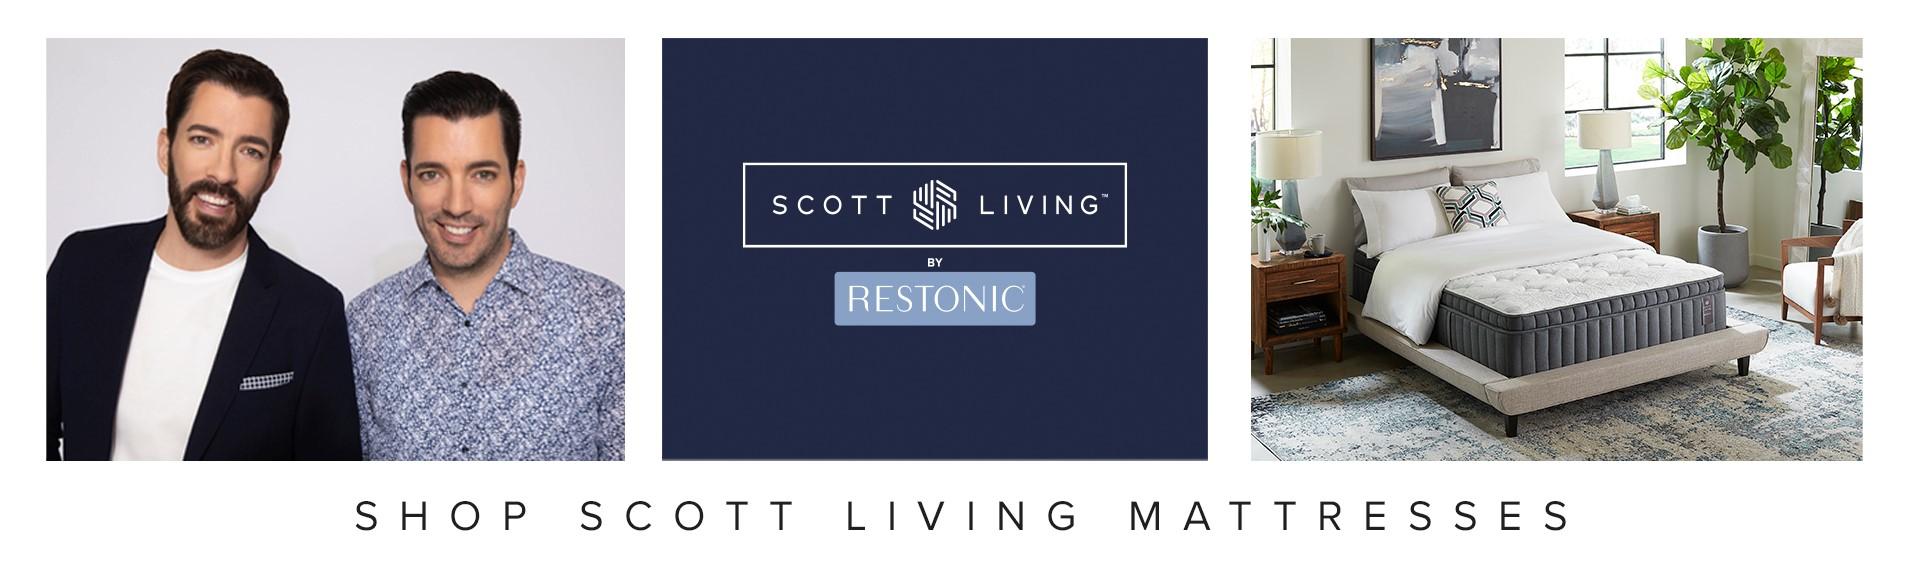 Nakupujte matrace Scott Living